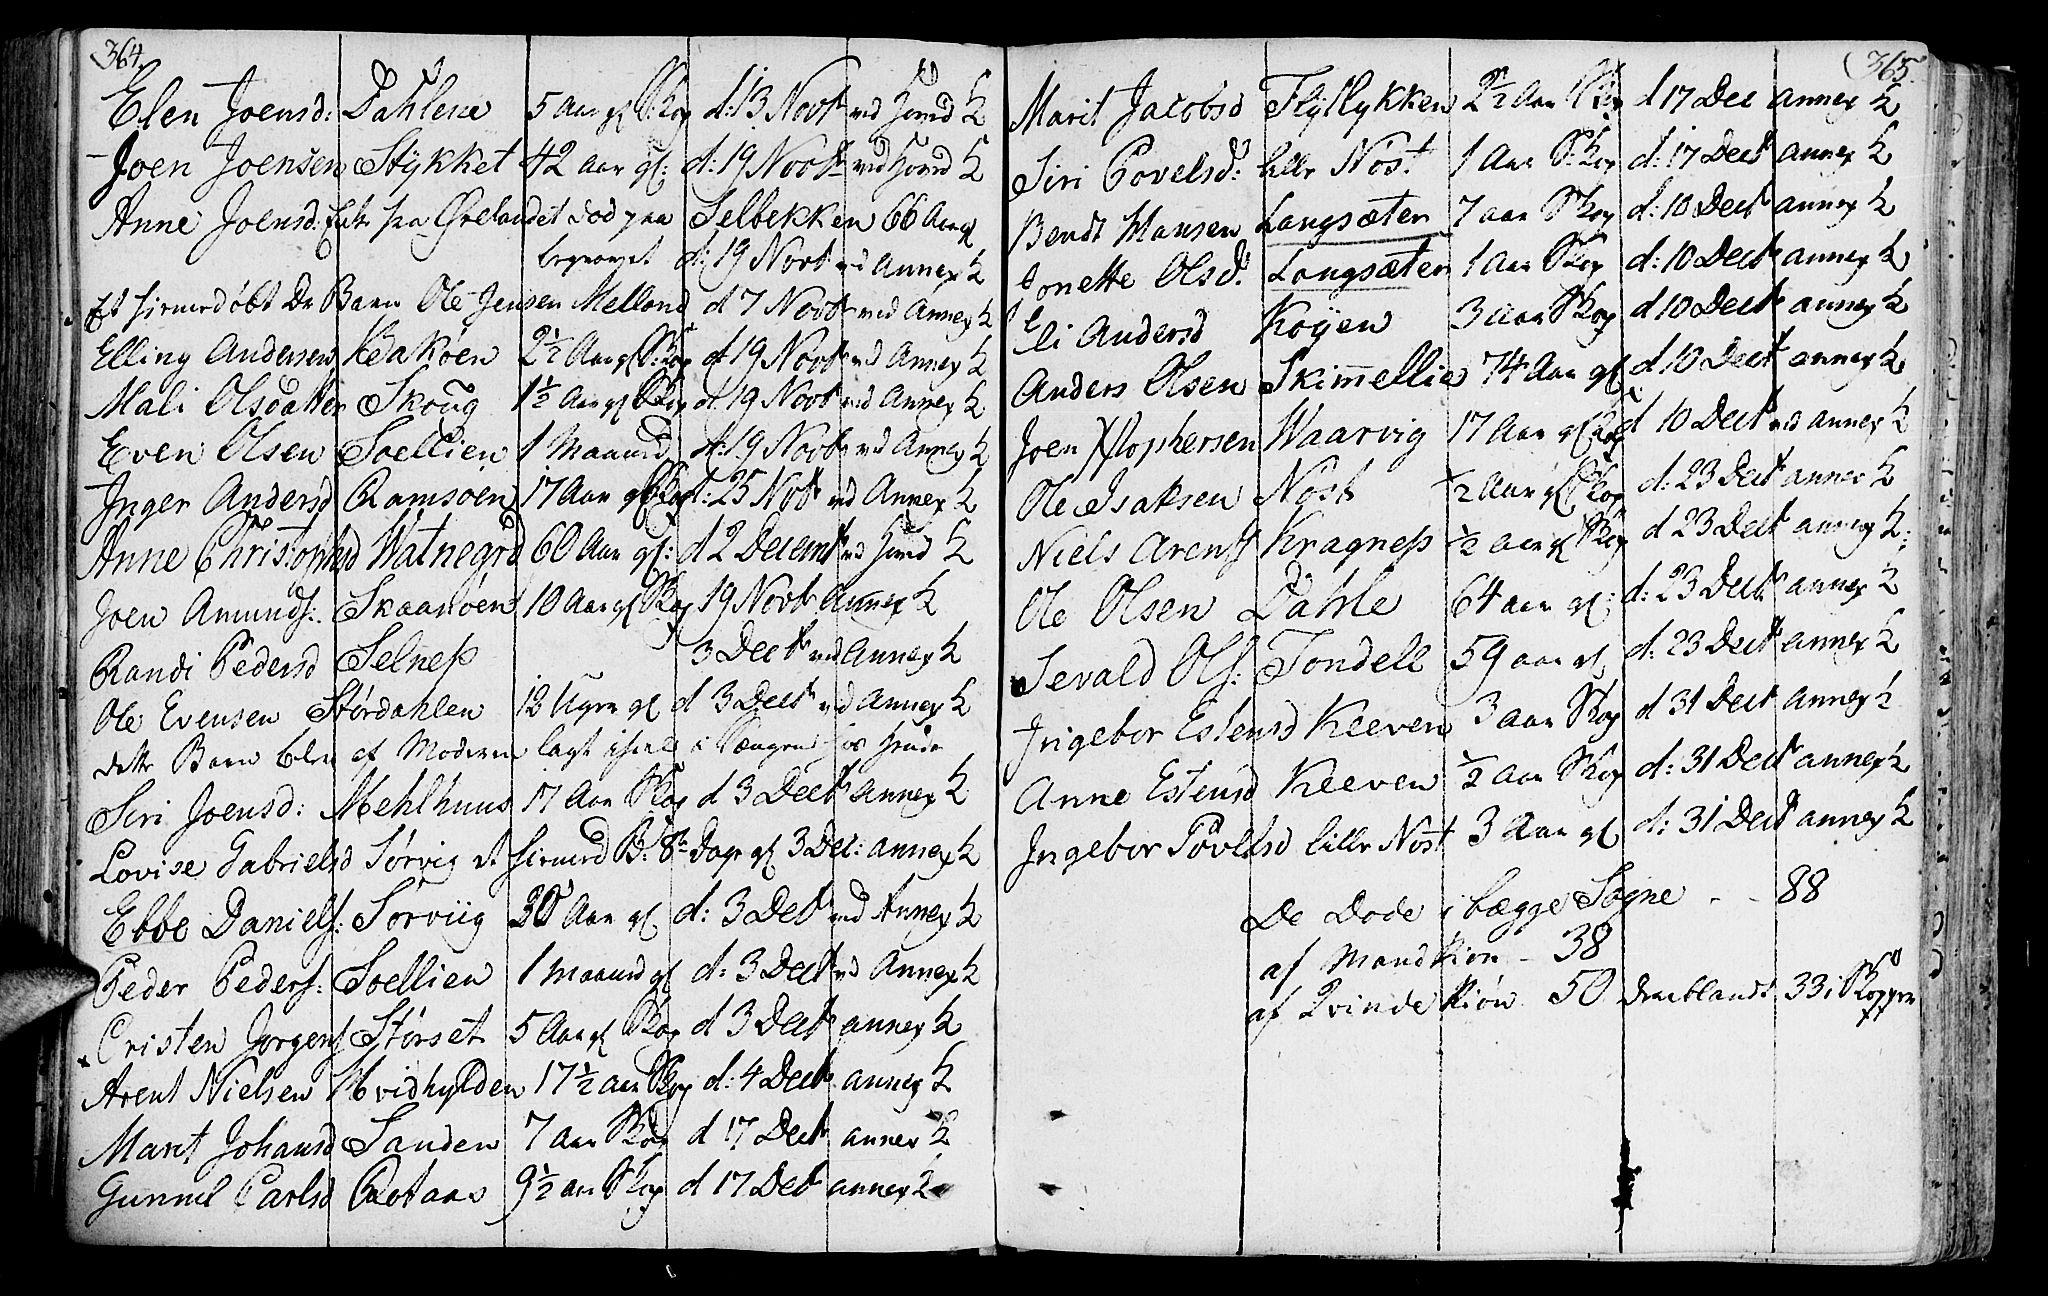 SAT, Ministerialprotokoller, klokkerbøker og fødselsregistre - Sør-Trøndelag, 646/L0606: Ministerialbok nr. 646A04, 1791-1805, s. 364-365